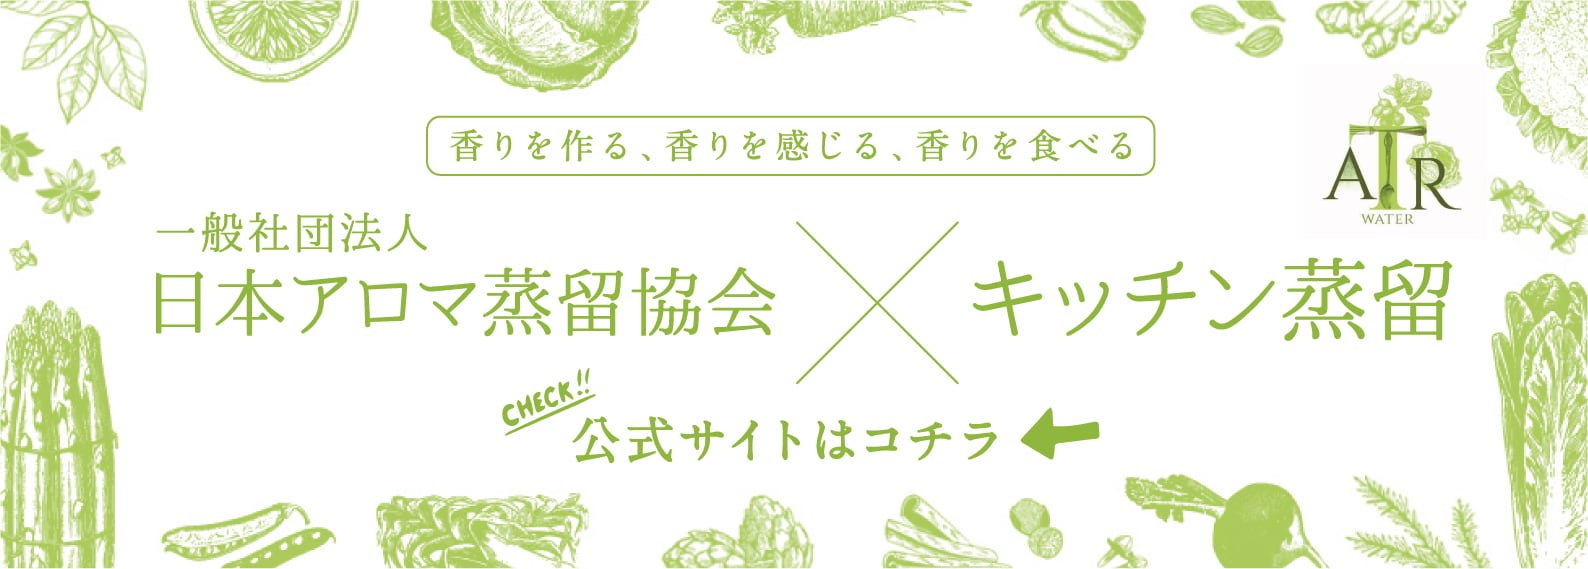 日本アロマ蒸留協会